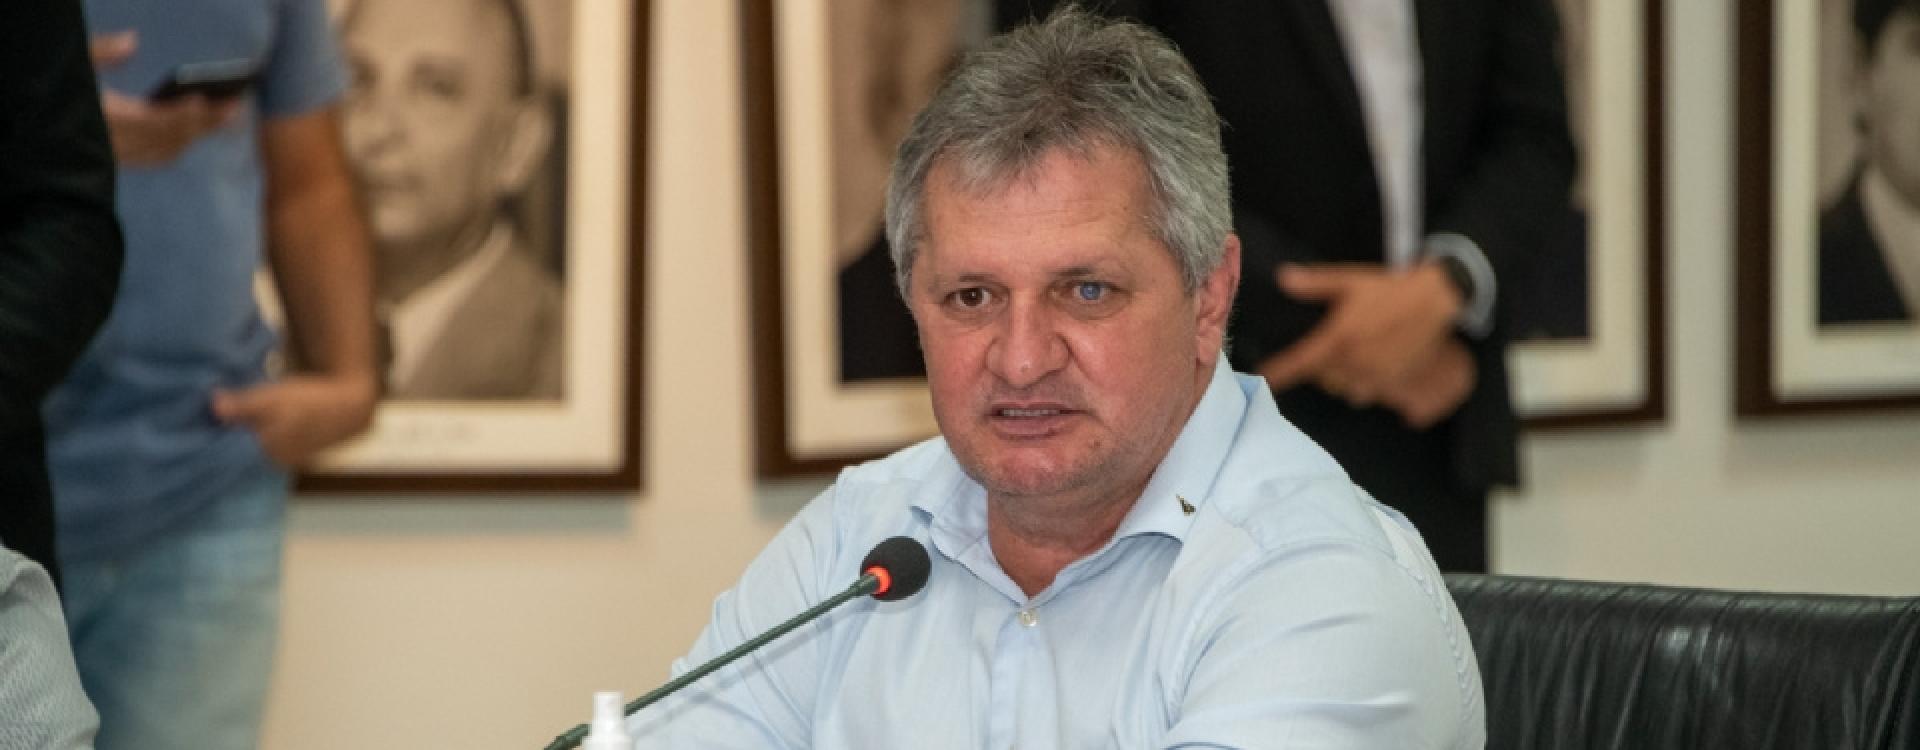 Líder afirma que Governo avalia possibilidade de recompensar municípios por corte de ICMS